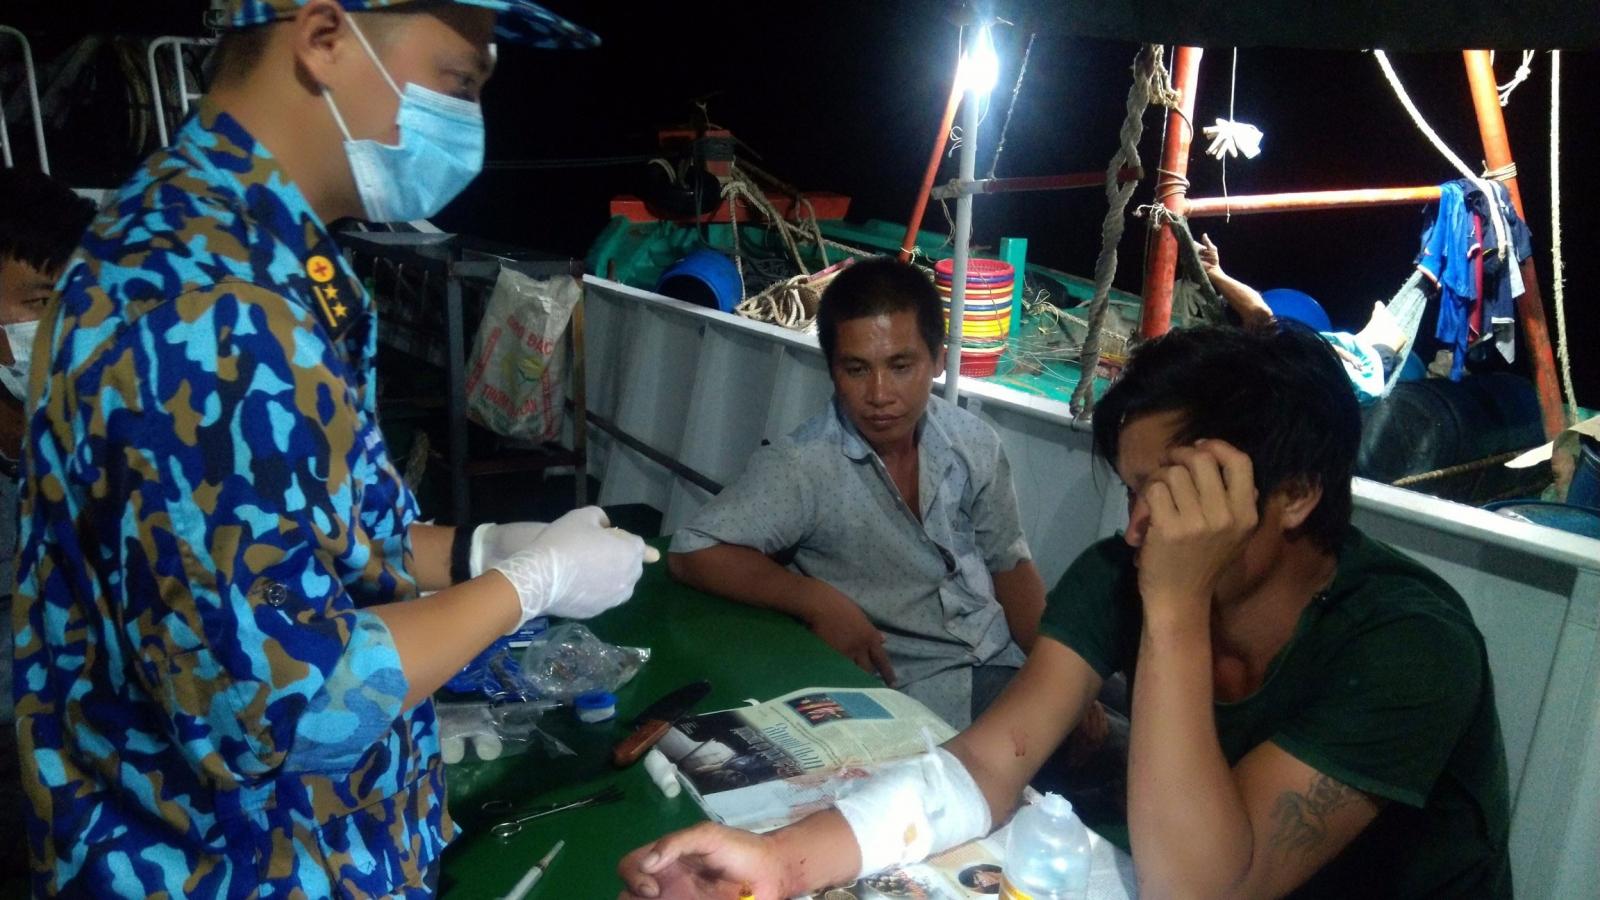 Tàu 212, Vùng 2 Hải quân cấp cứu ngư dân tàu cá Bến Tre gặp nạn